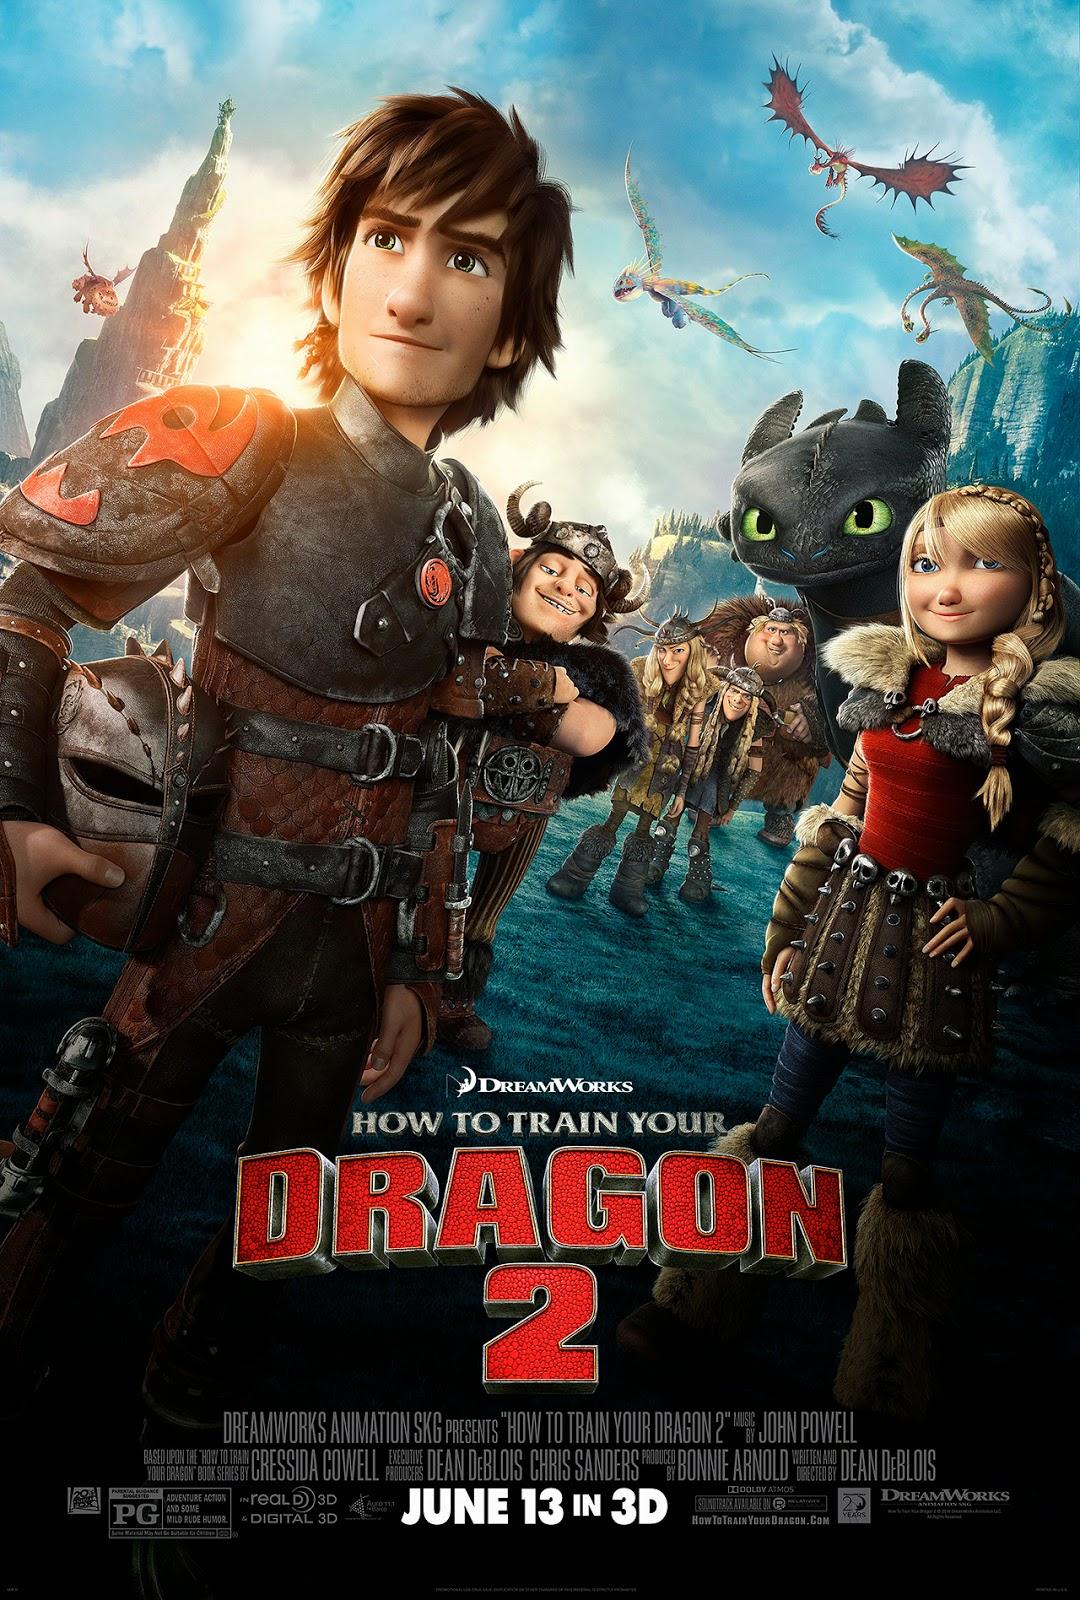 xem phim Bí Kíp Luyện Rồng 2 - How to Train Your Dragon 2 full hd vietsub online poster